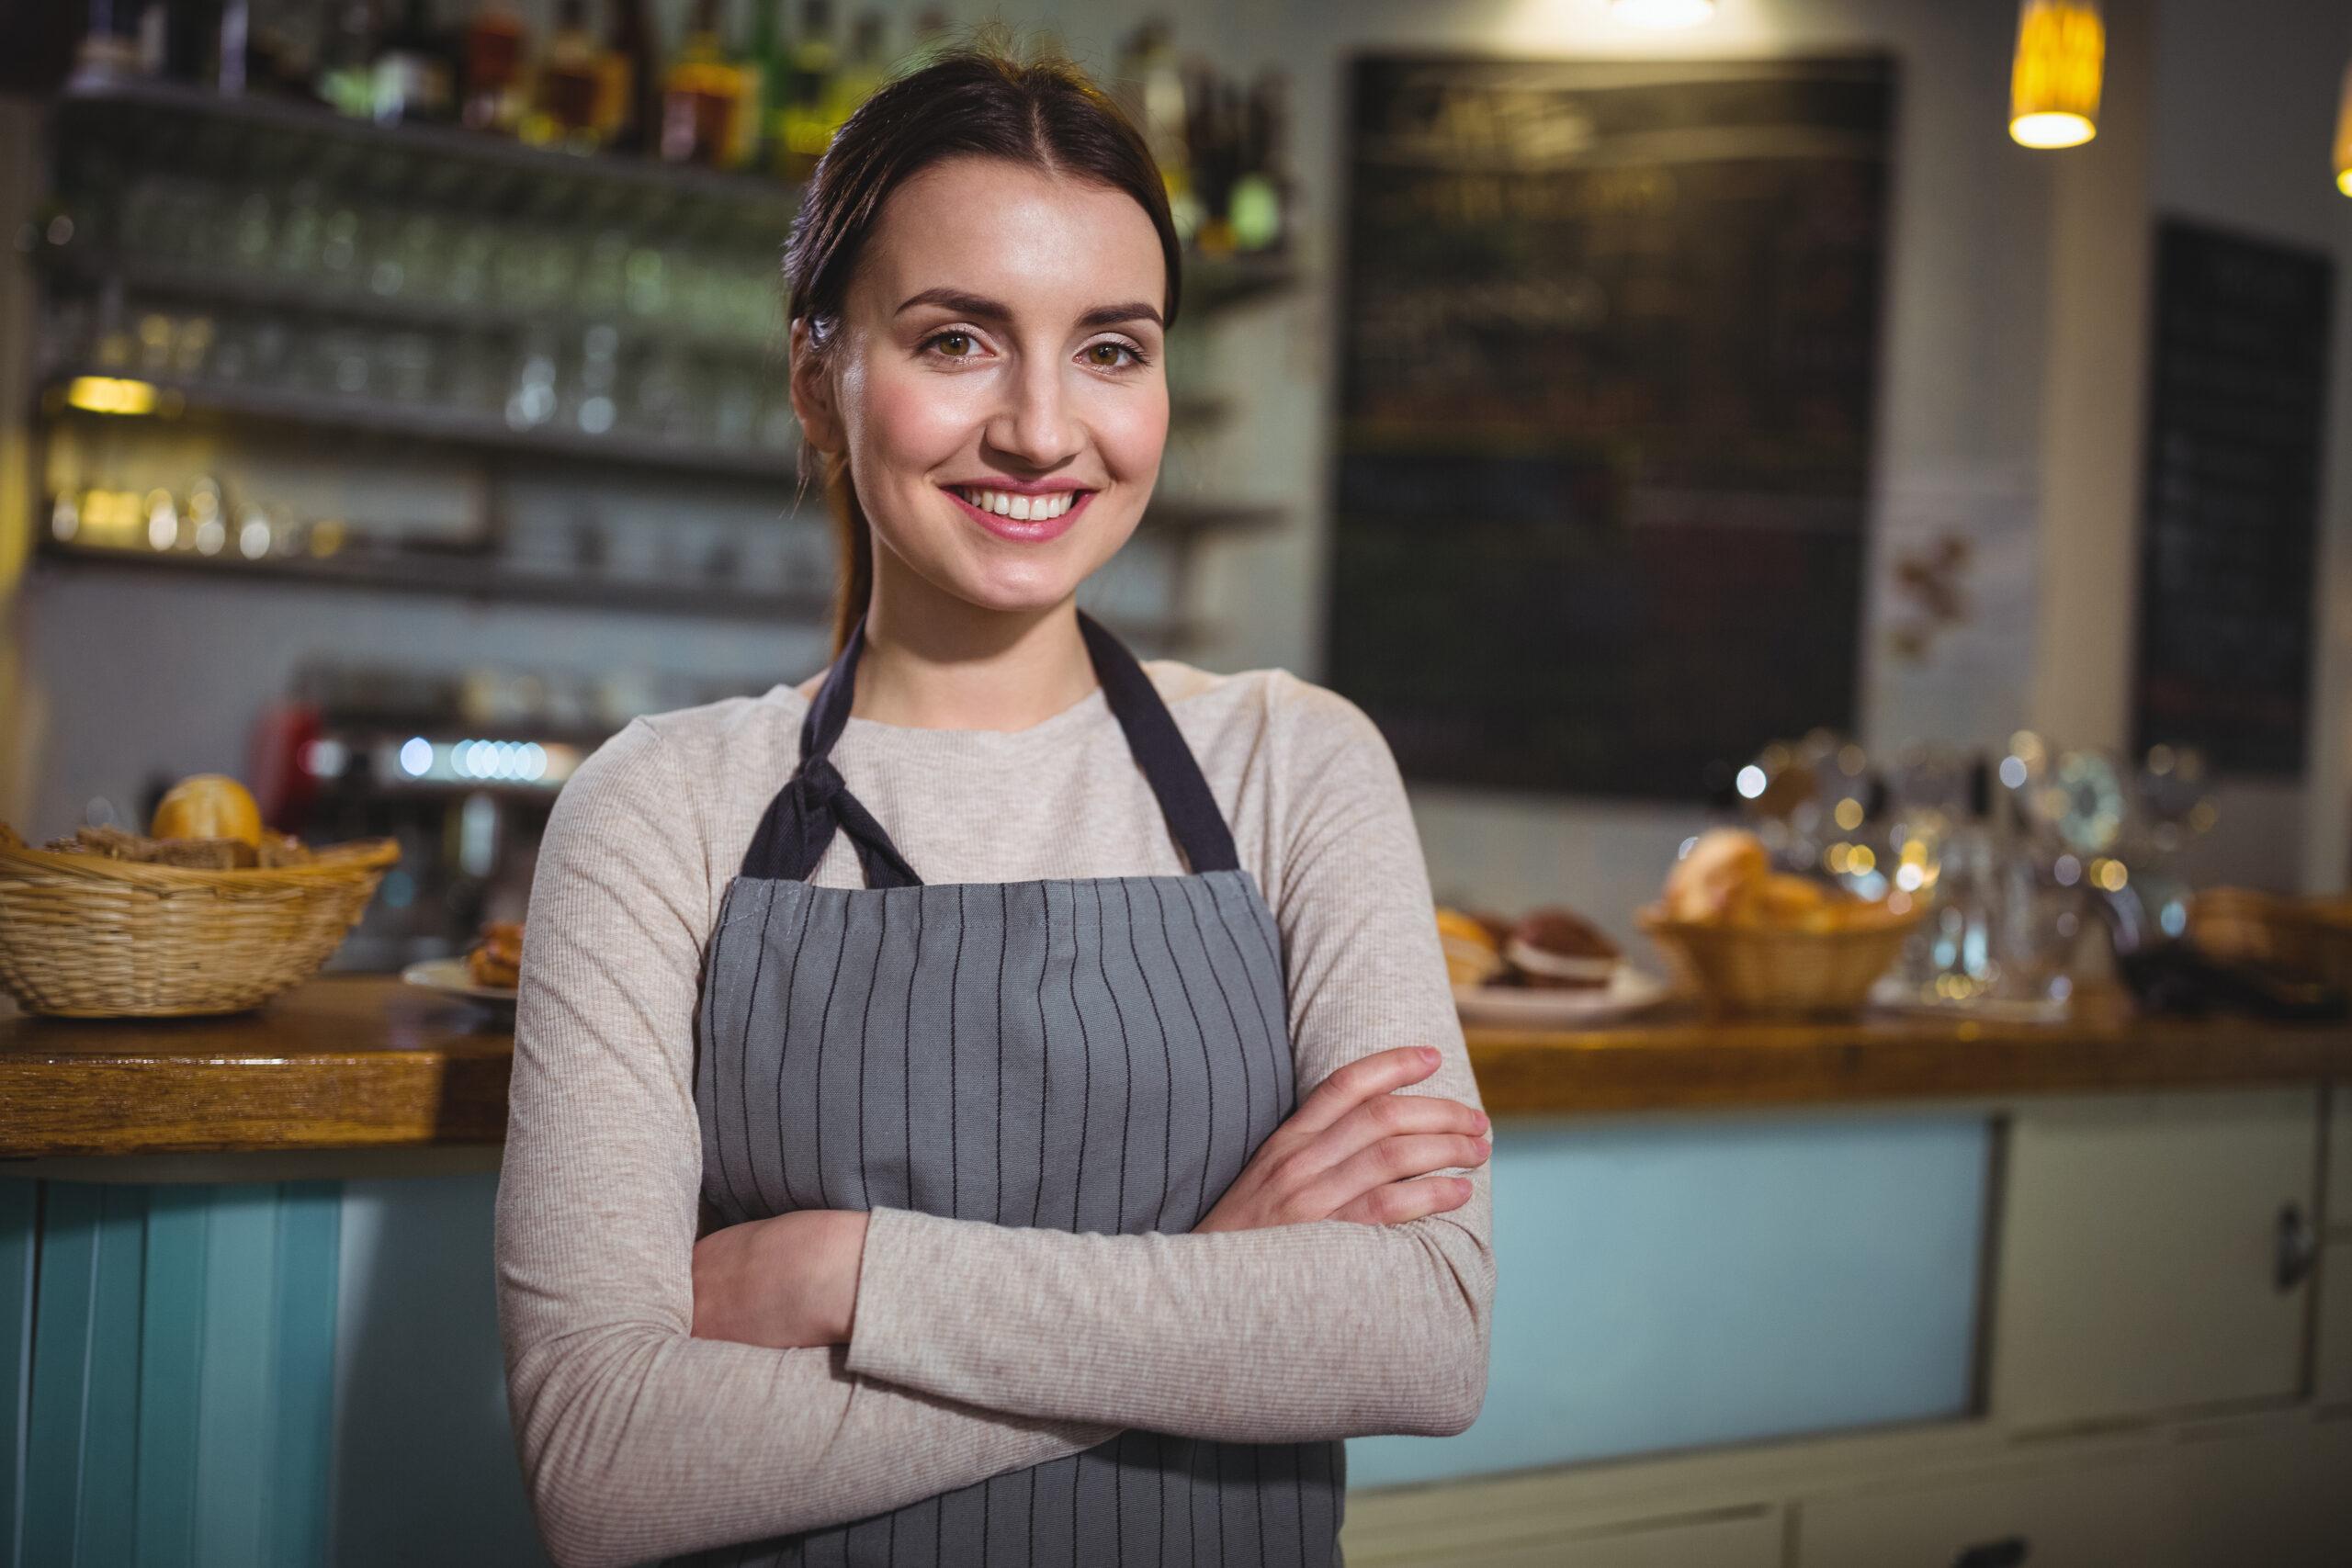 Imagem de uma empreendedora sorrindo. Imagem ilustrativa texto abrir negócio de forma descomplicada.